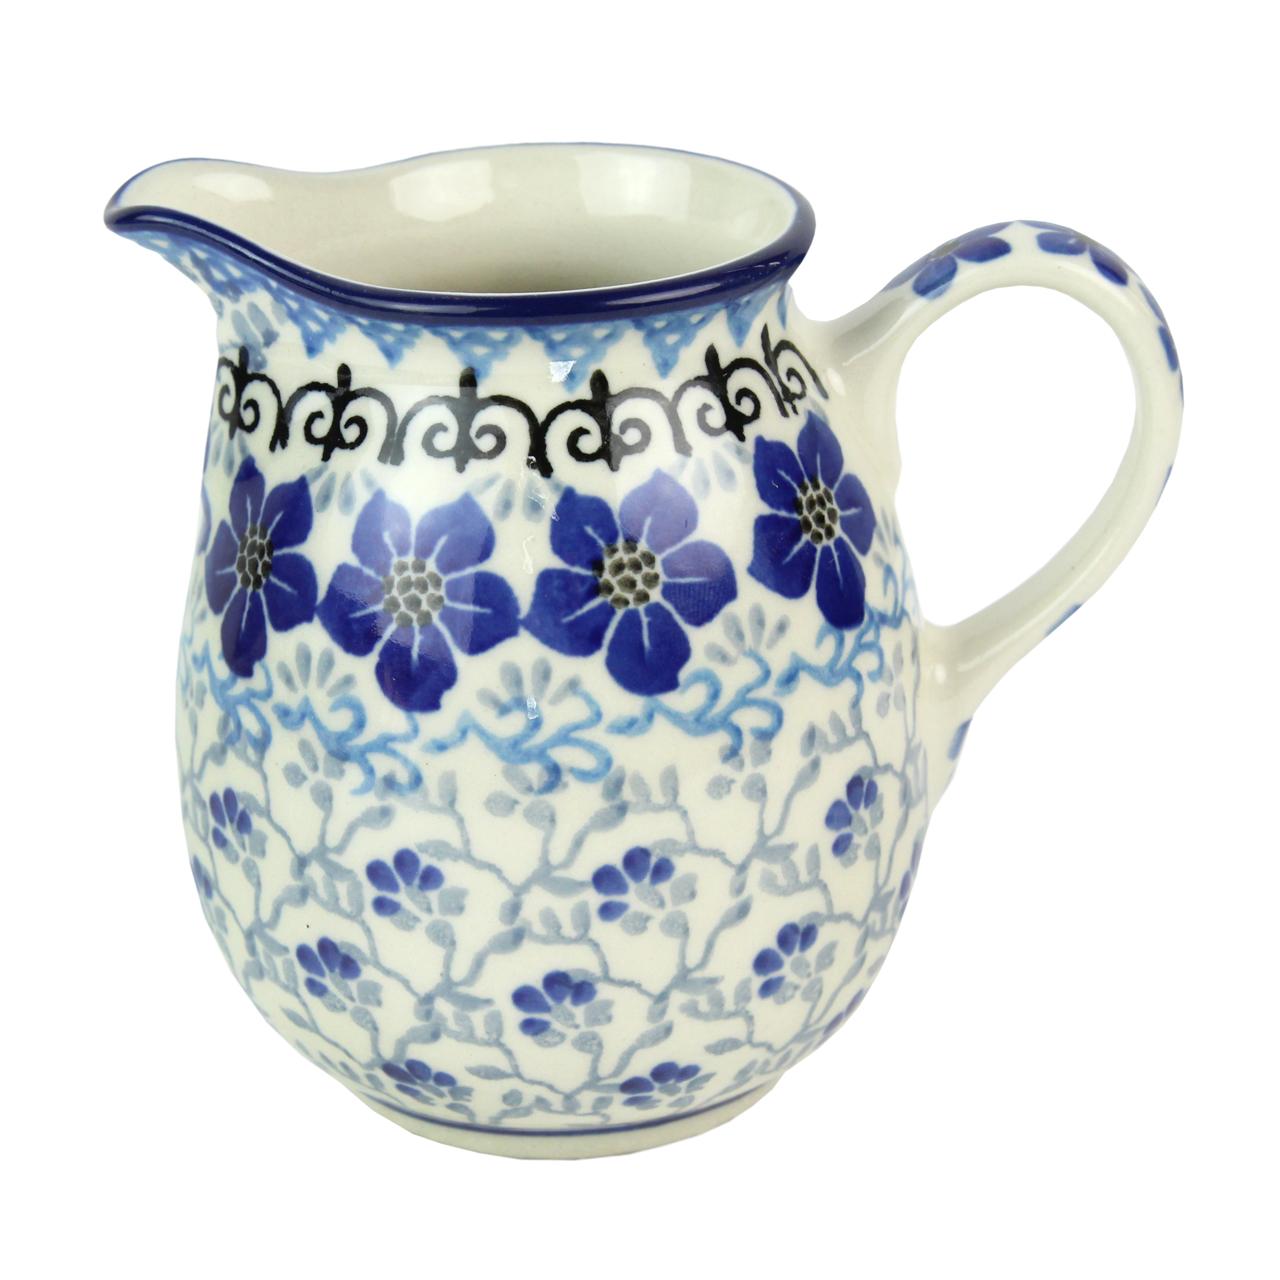 Cana Pentru Lapte Din Ceramica Cu Flori Albastre 1